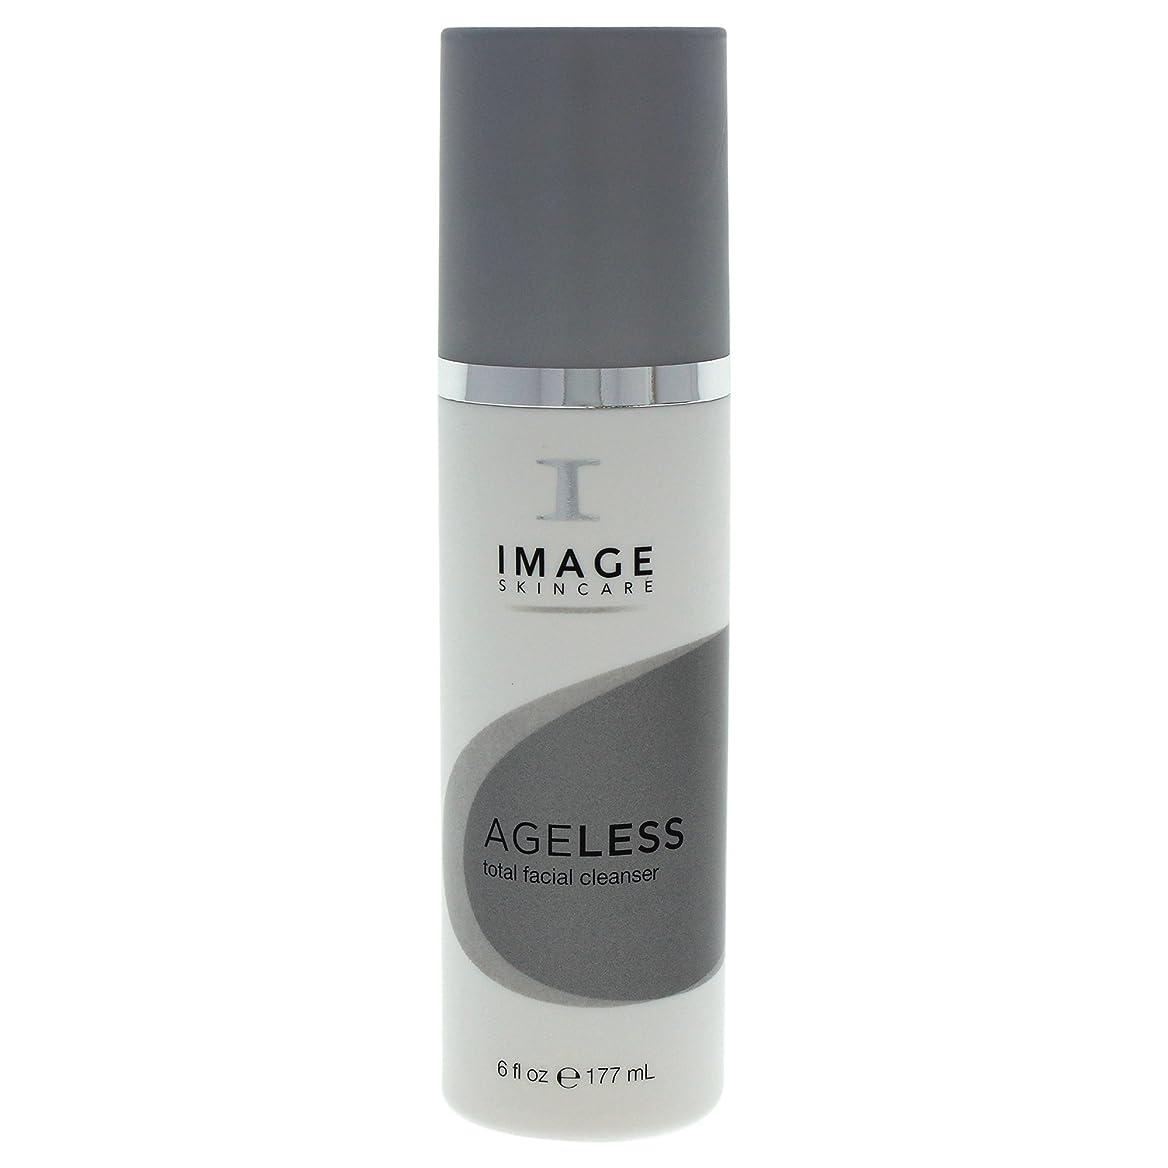 インターネット飾るロータリーImage Ageless Total Facial Cleanser 177ml/6oz並行輸入品